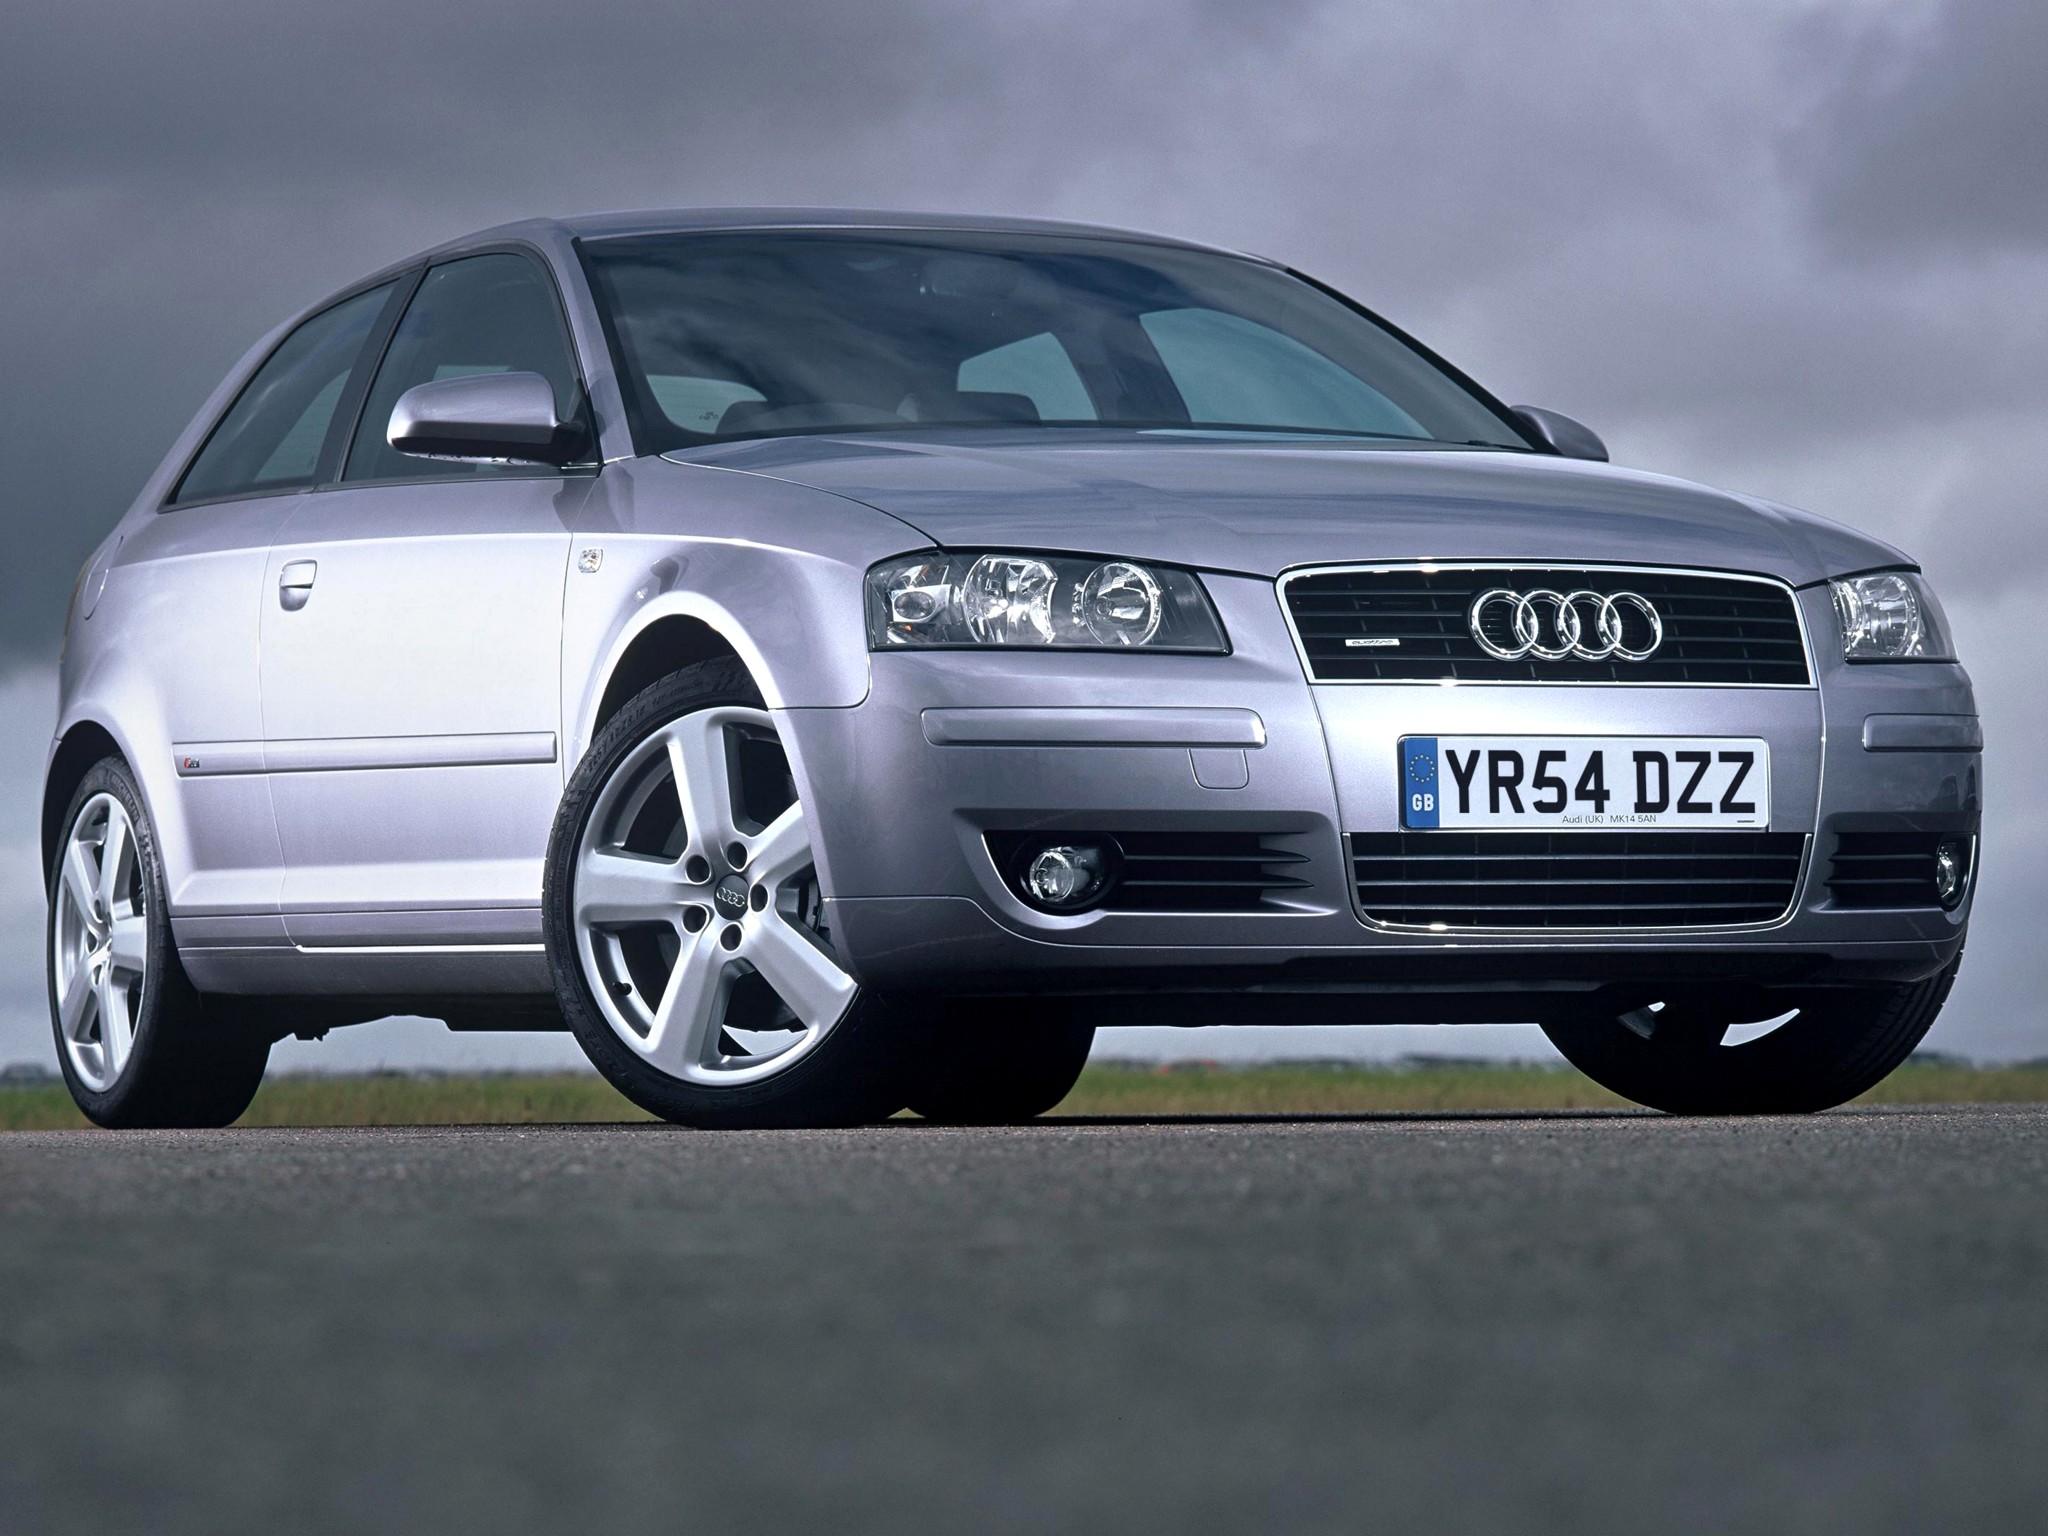 Audi rs6 avant 4.2 quattro